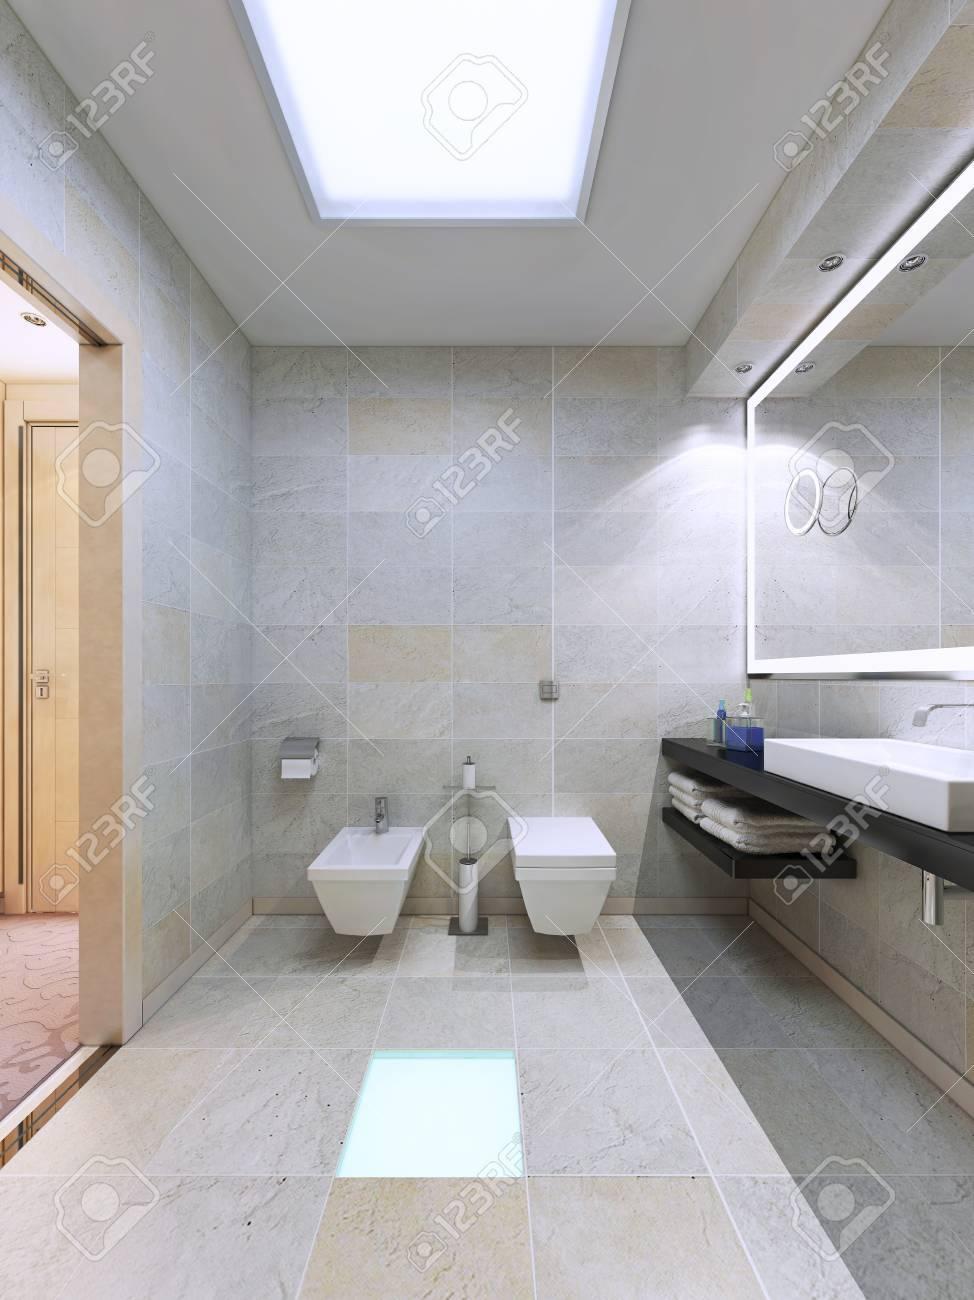 Exemple de salle de bains lumineuse avec beaucoup de lumières. Grand miroir  avec des lumières au néon cadre, appliques, le plancher et les lampes de ...